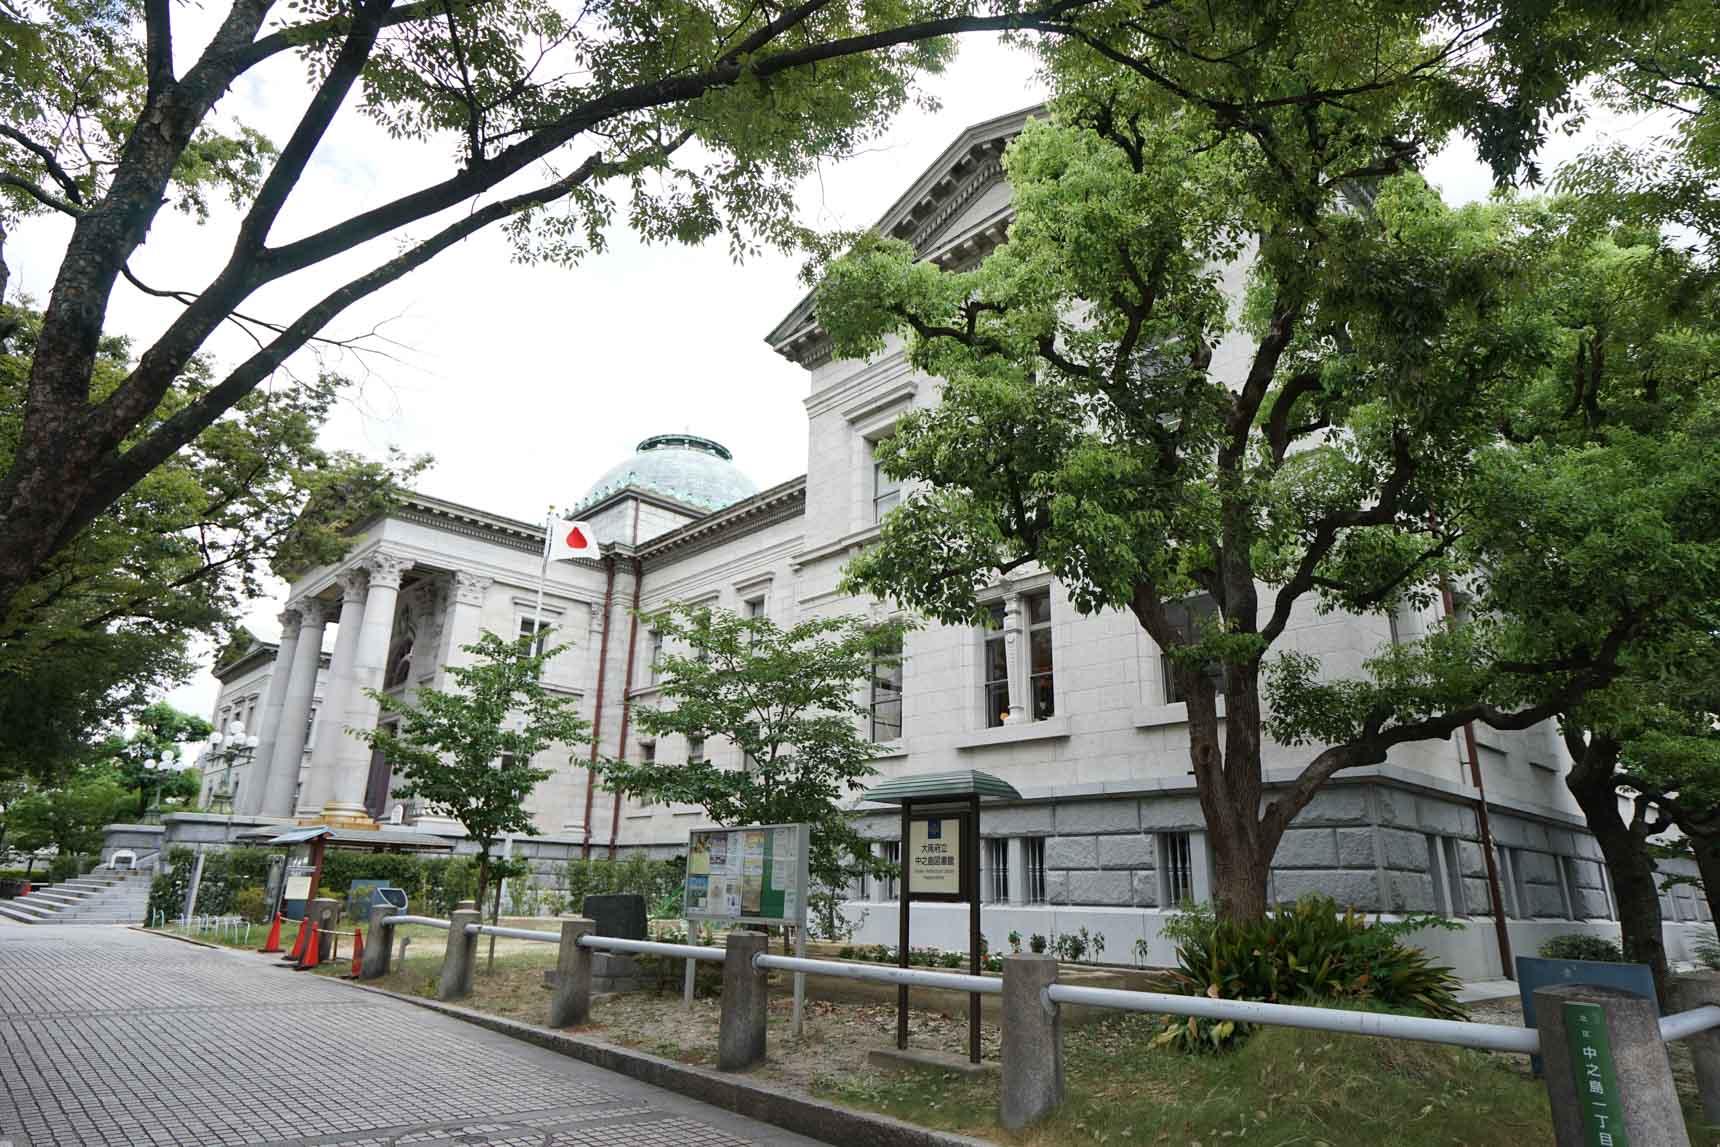 2004年に開館100周年を迎えた大阪府立中之島図書館です